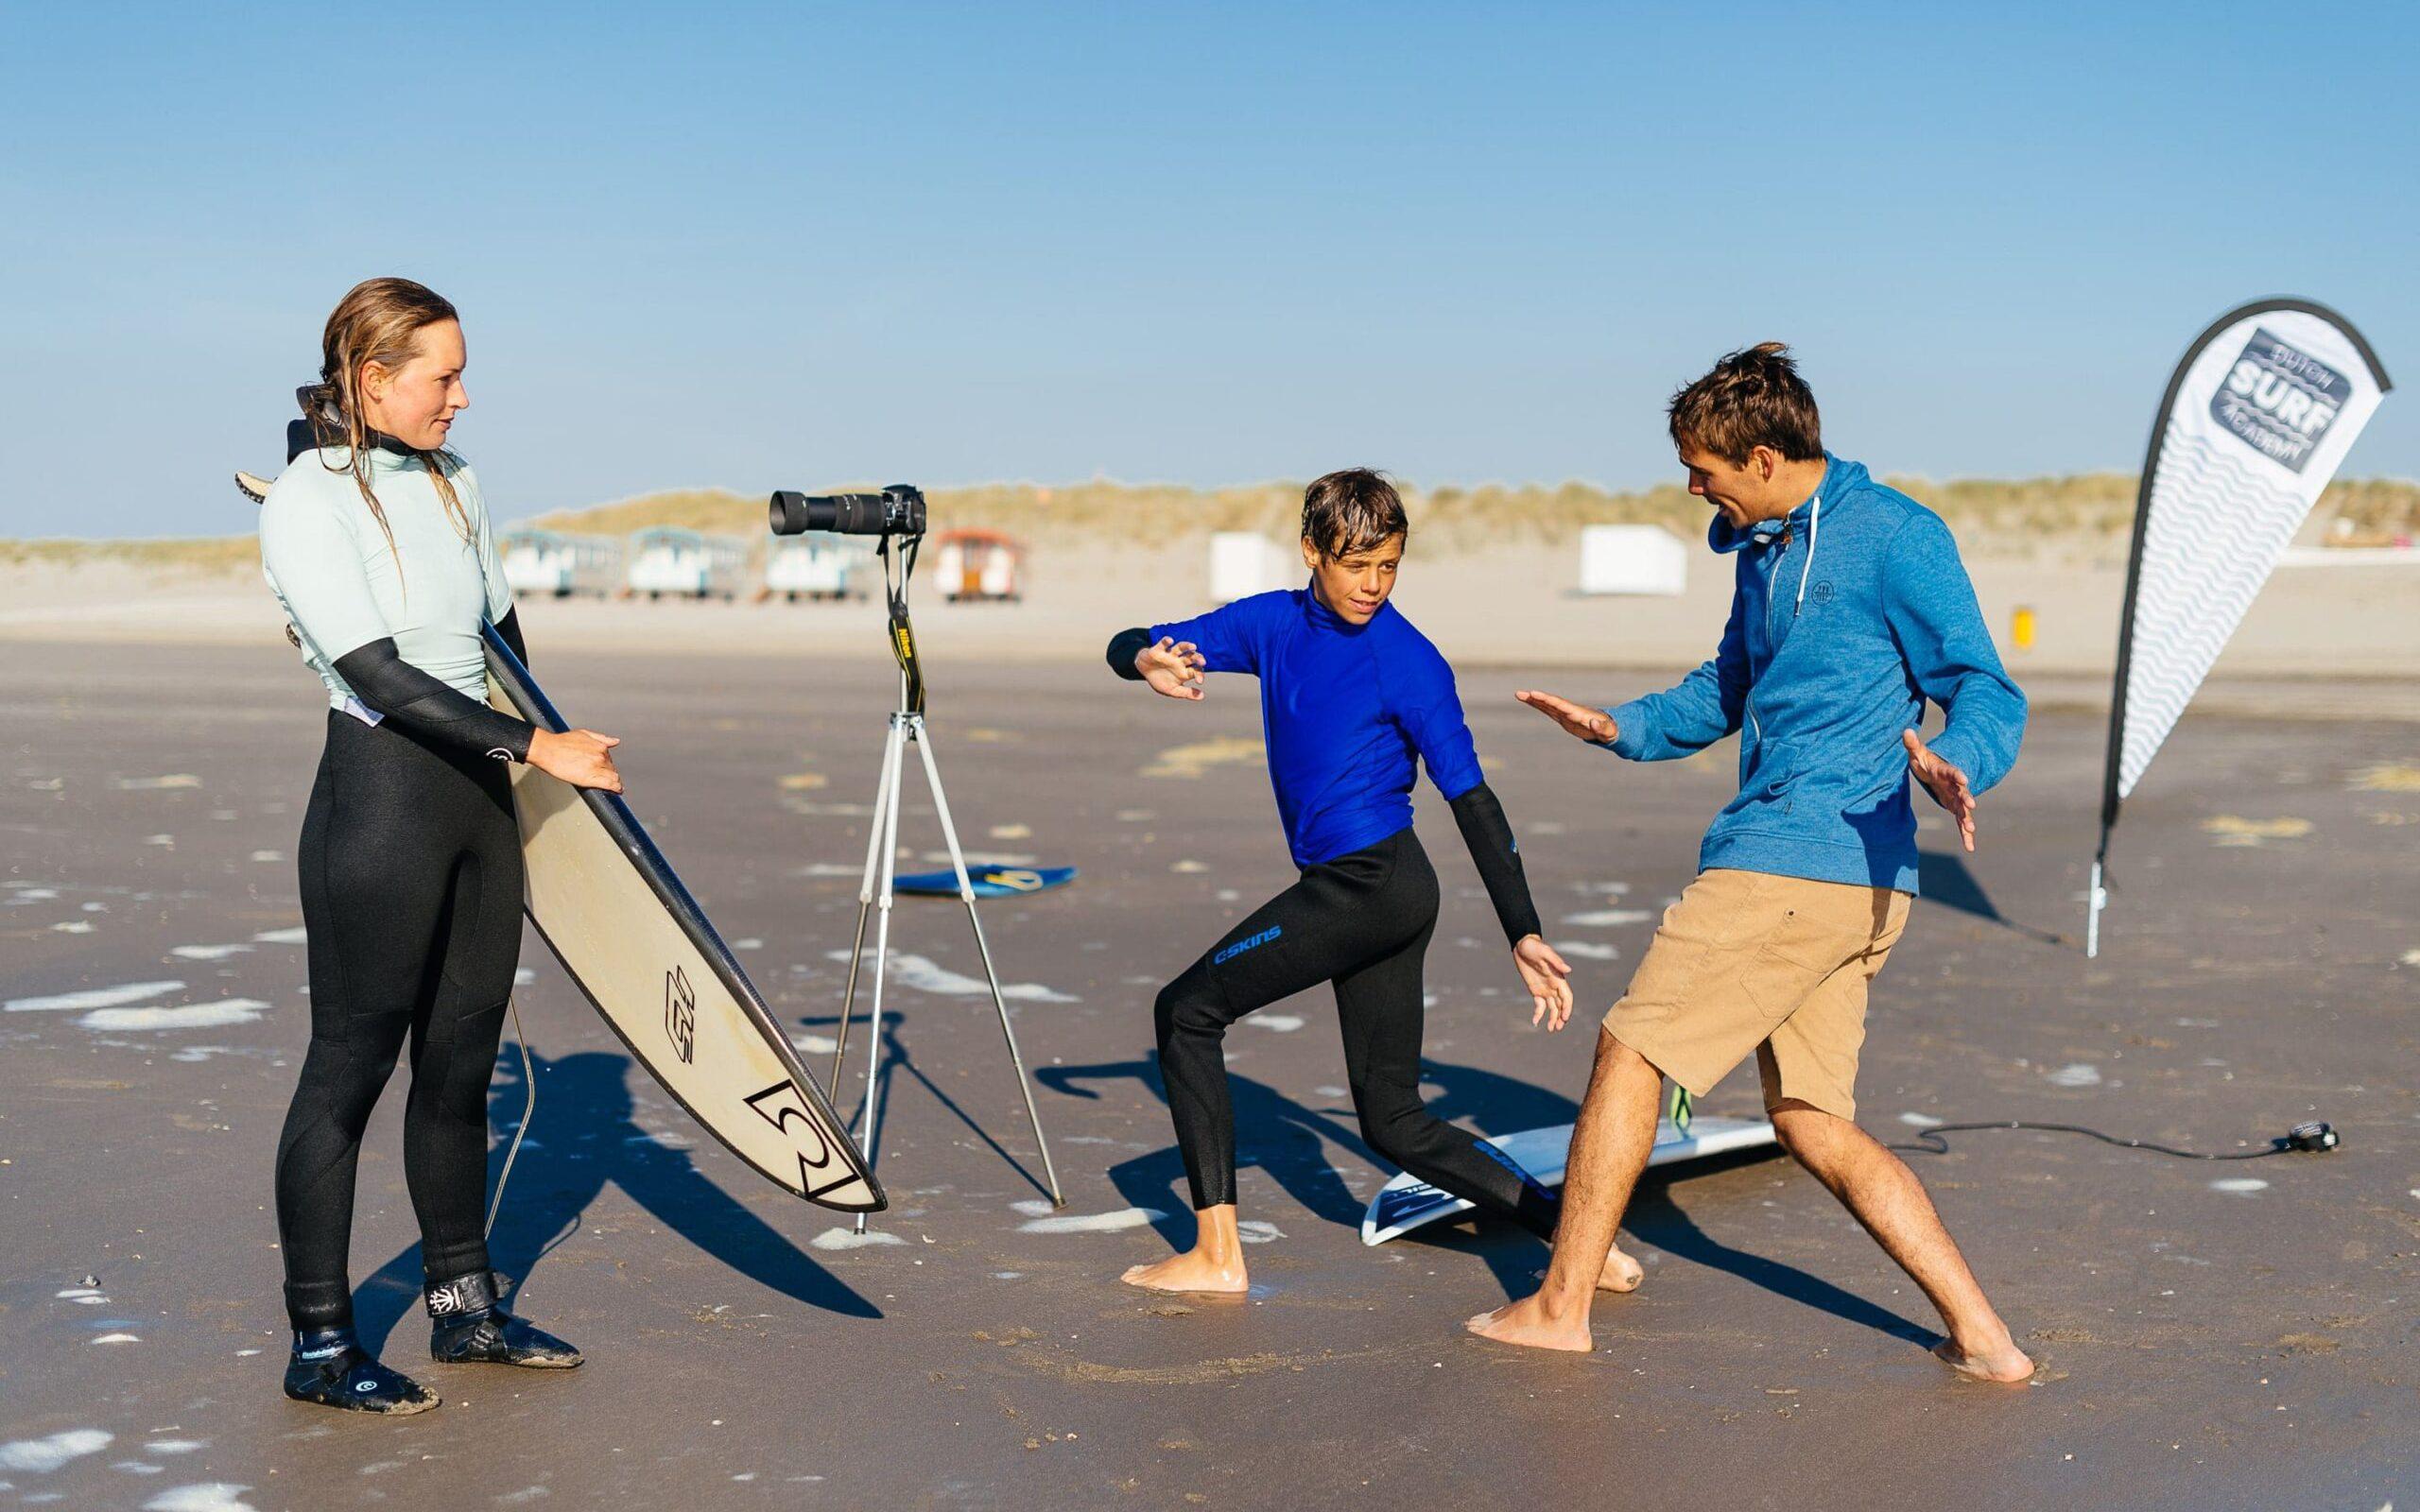 golfsurfers krijgen surftips op het strand door surfcoach